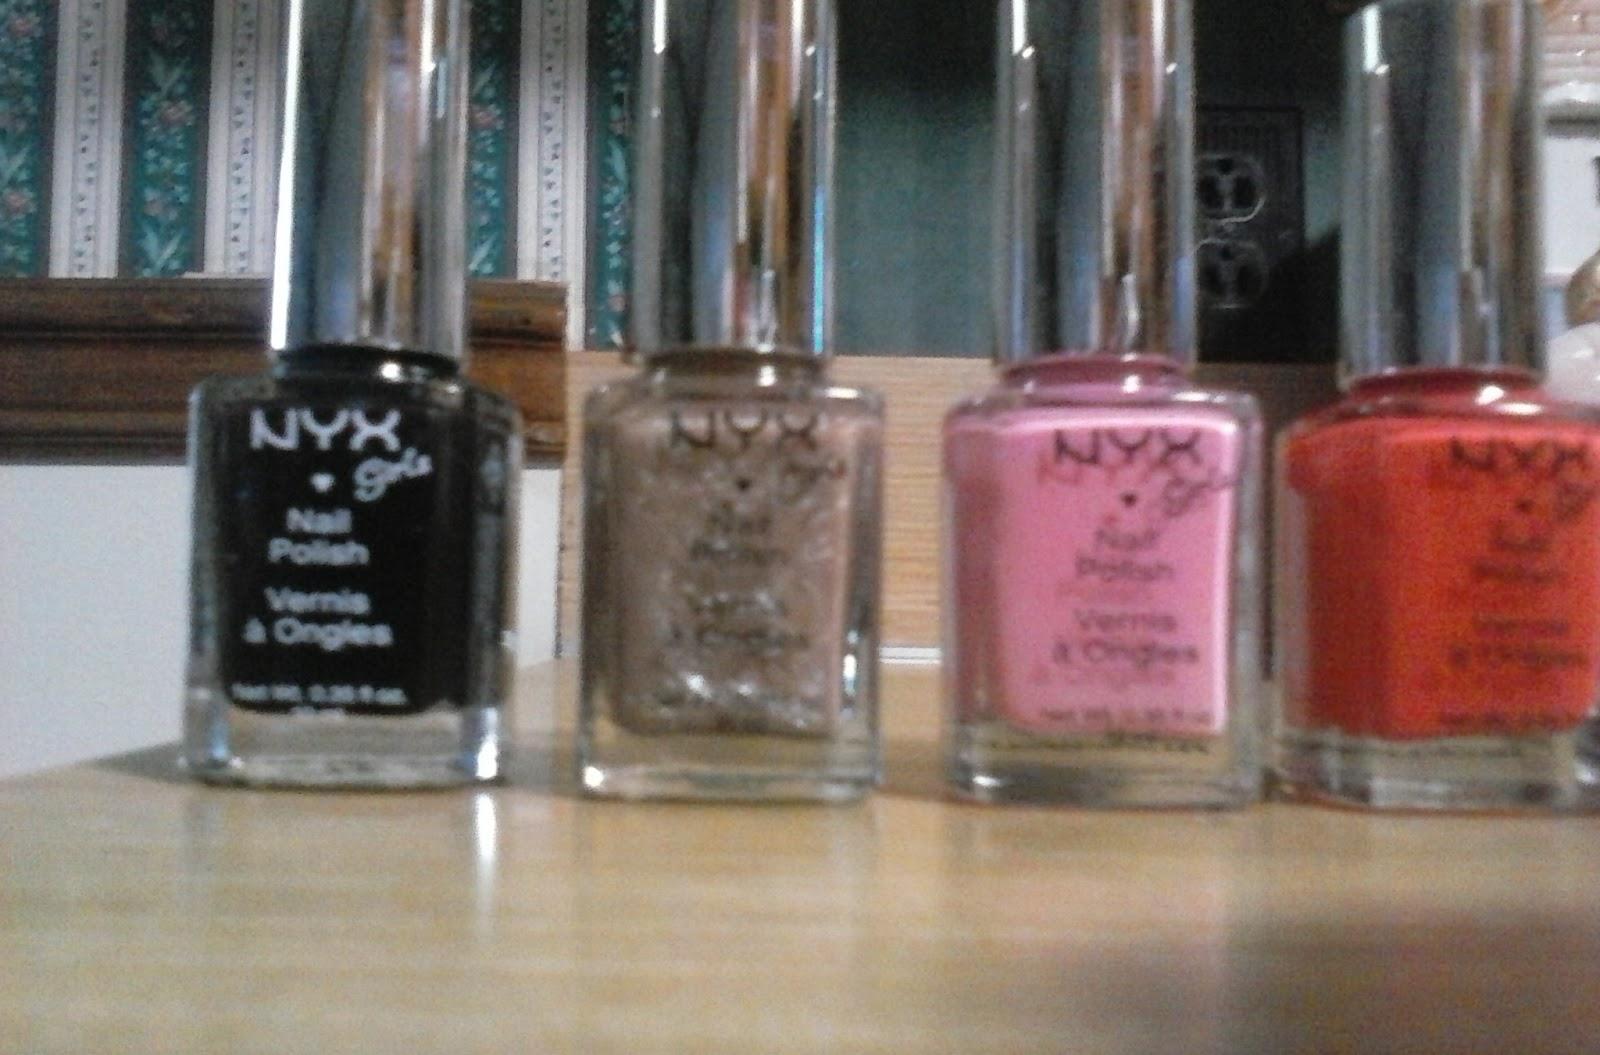 NYX Nail Polish